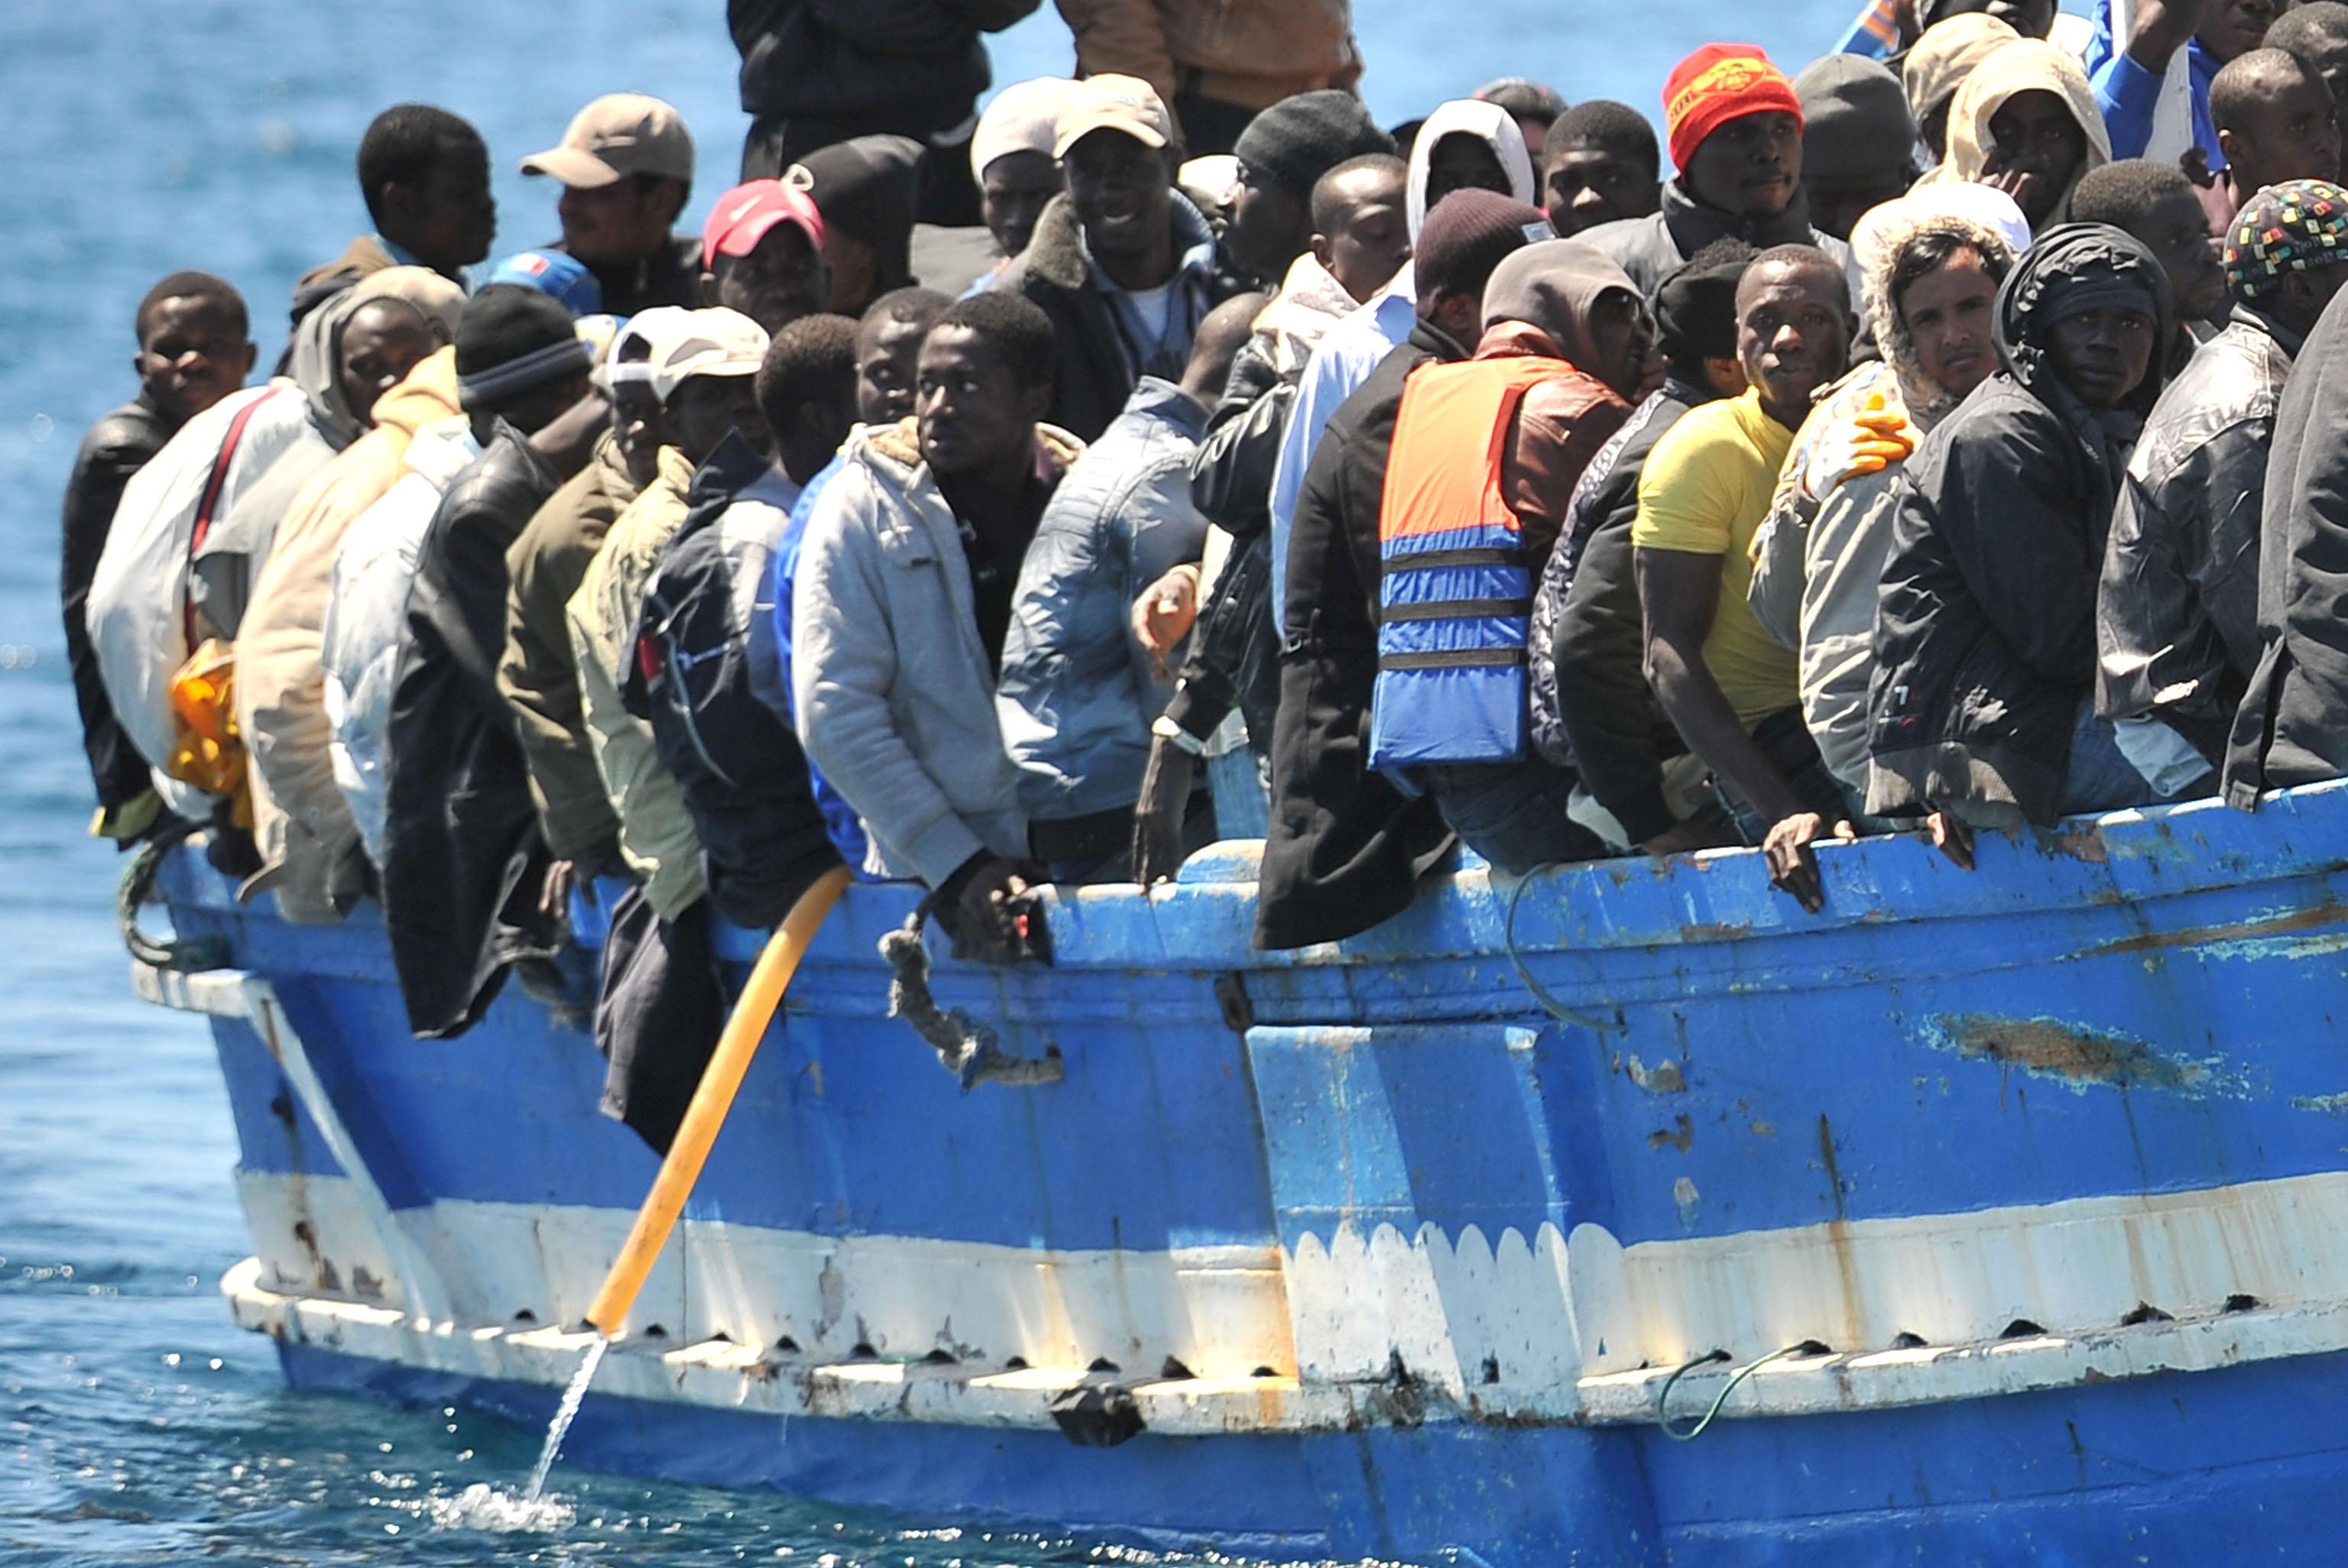 Migranti e Mass media: un seminario promosso da Auser e Provincia di Rimini